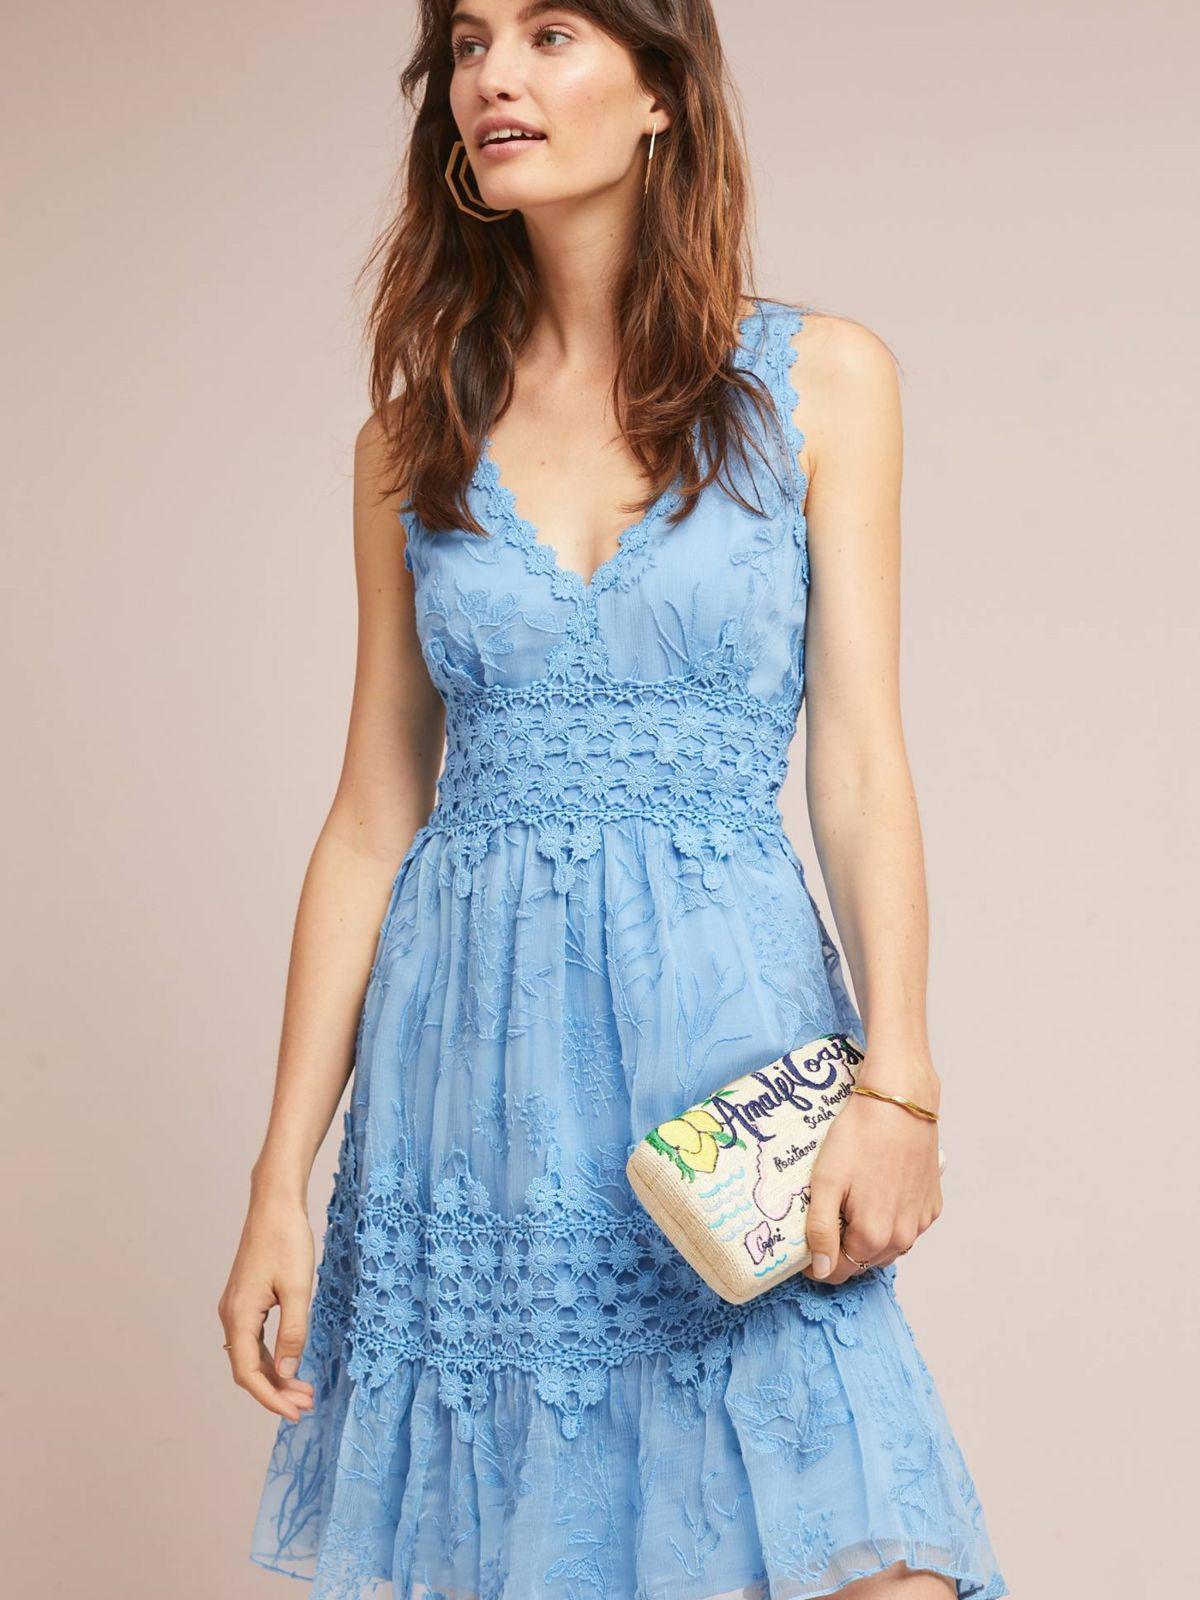 שמלת מידי עם עיטורי תחרה ורקמהשמלת מידי עם עיטורי תחרה ורקמה של ANTHROPOLOGIE